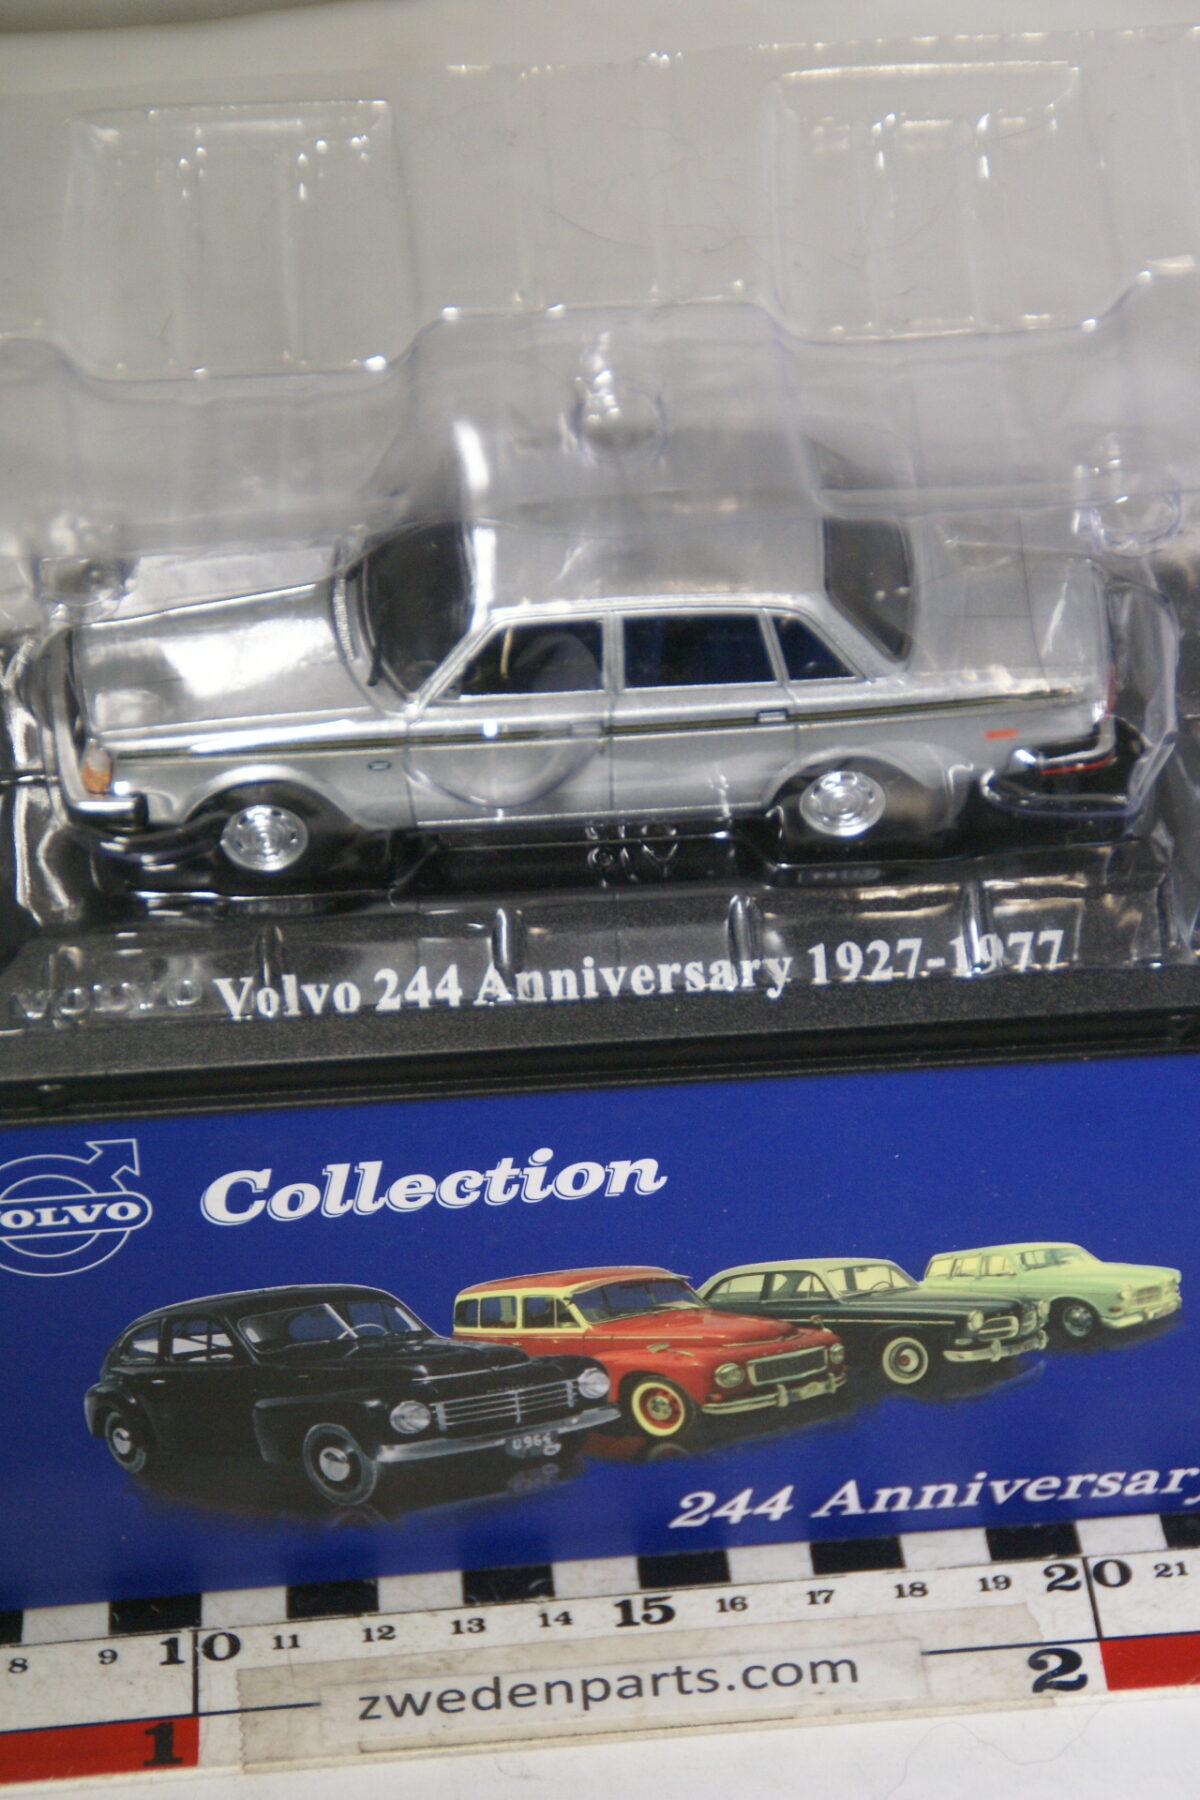 DSC00498 1977 miniatuur Volvo244 Anniversarycar grey 1op43 Atlas 73 nieuw in originele verpakking-6b4bfdbf